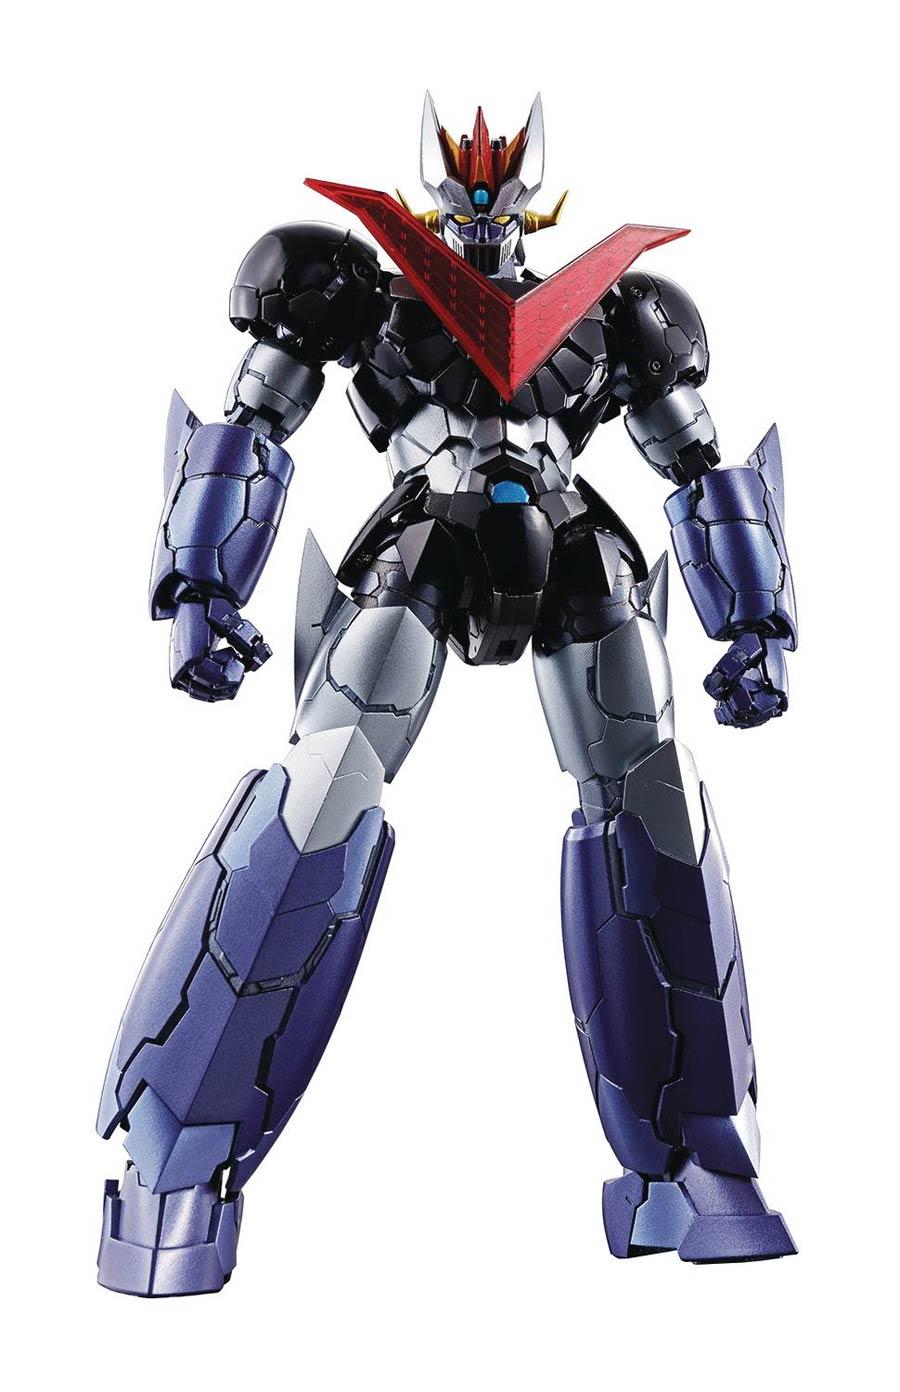 Mazinger Z Infinity Metal Build - Great Mazinger Action Figure